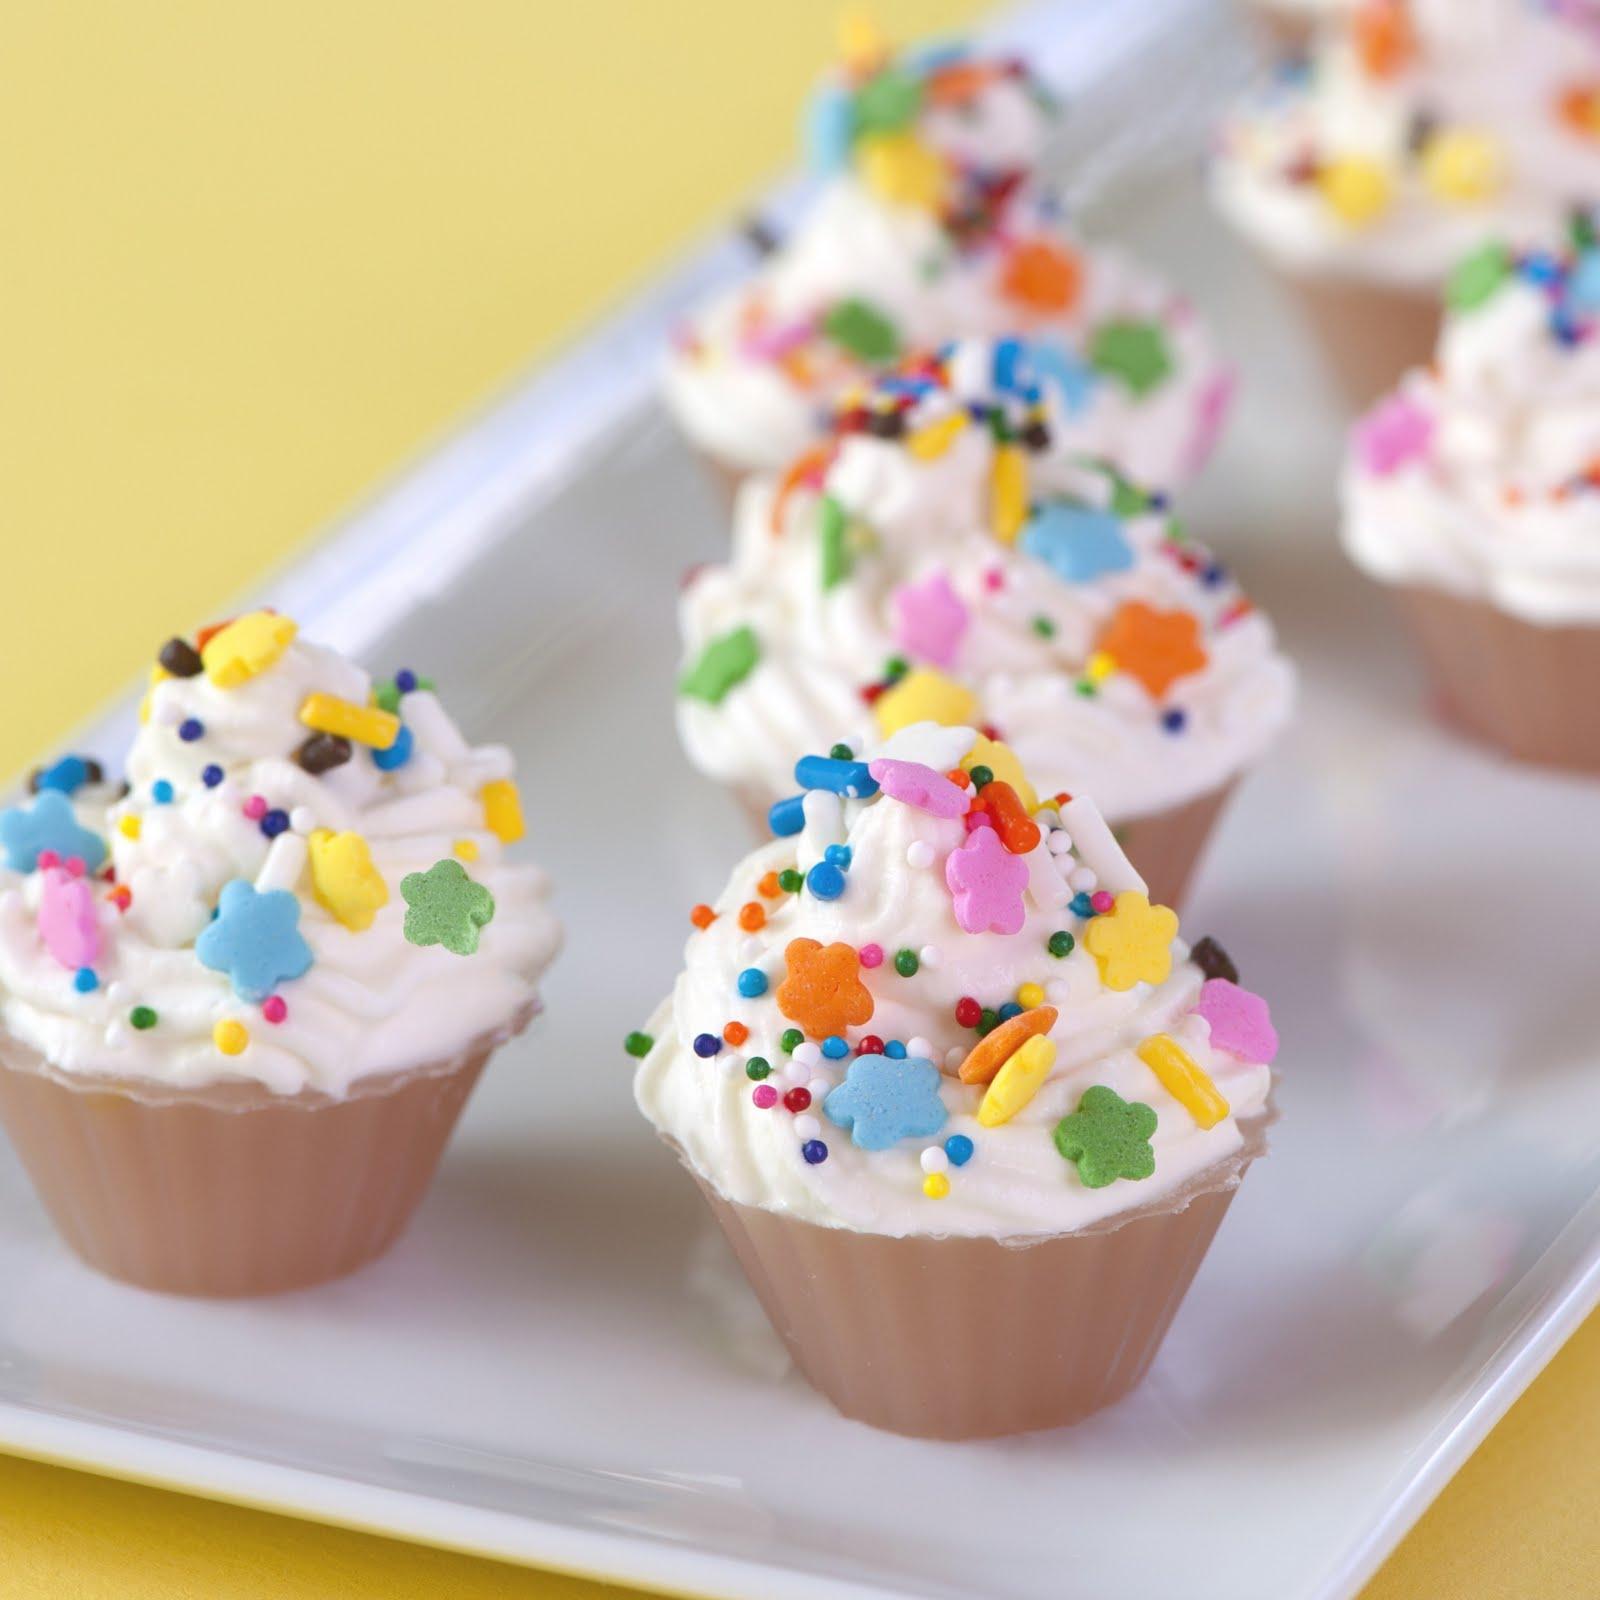 ... Shot Recipes | Jelly Shot Test Kitchen: Birthday Cupcake Jelly Shot